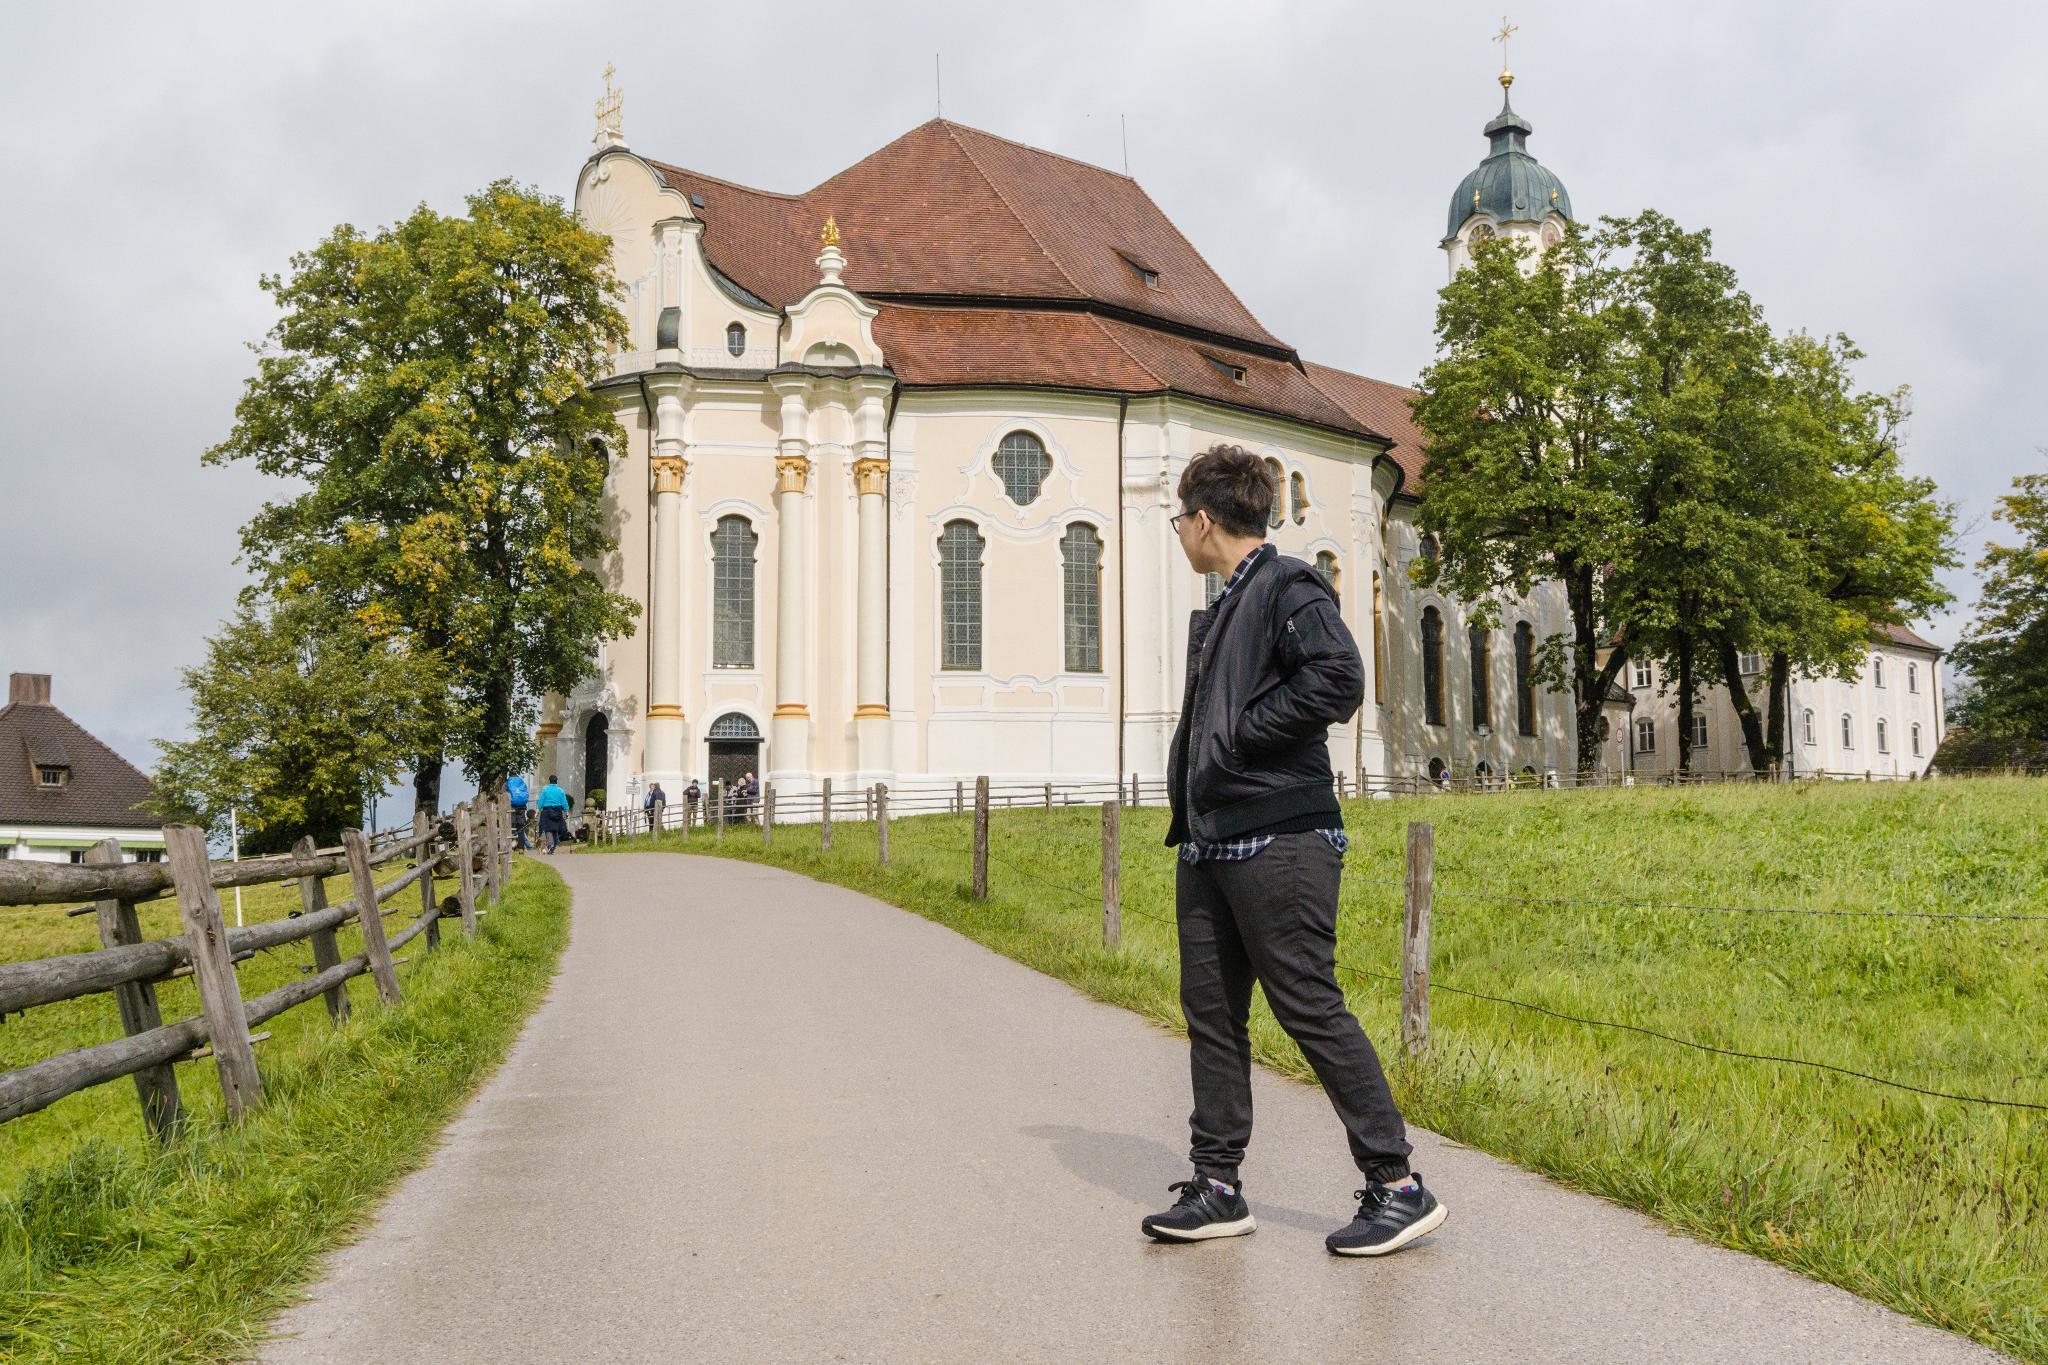 【德國】阿爾卑斯大道:維斯朝聖教堂 (Wieskirche) 14